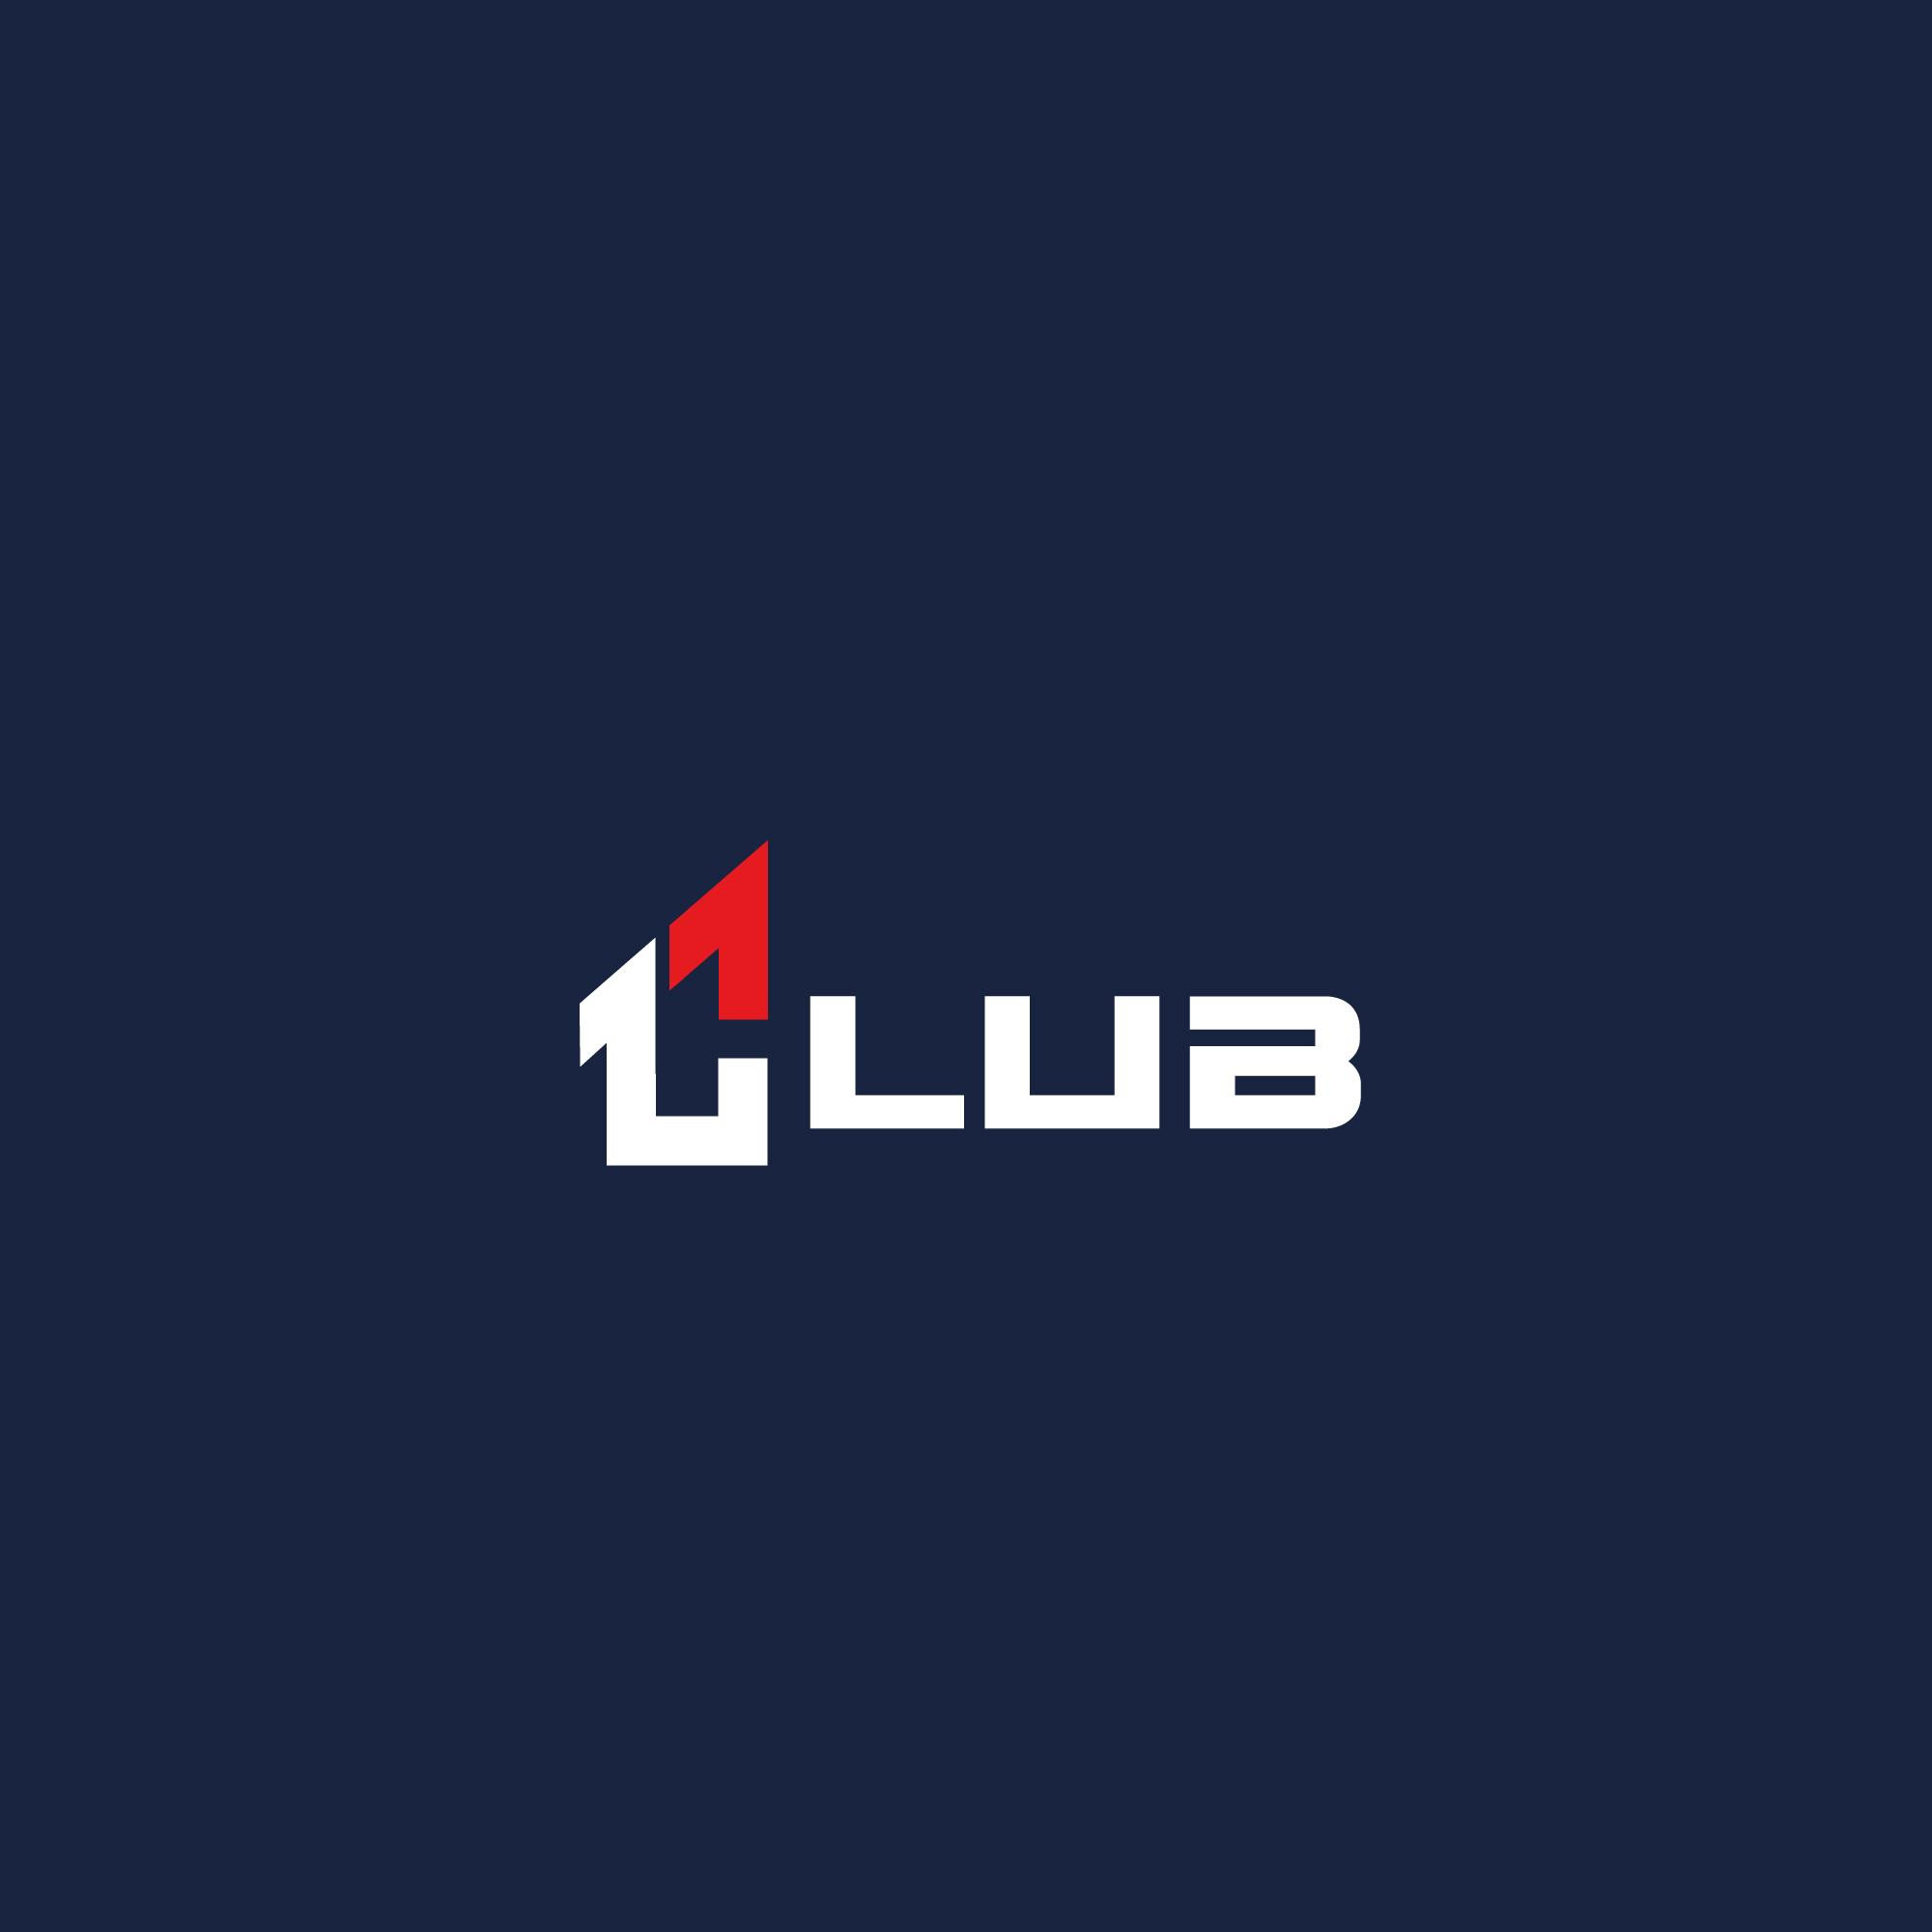 Логотип делового клуба фото f_1275f874604a0fbe.jpg